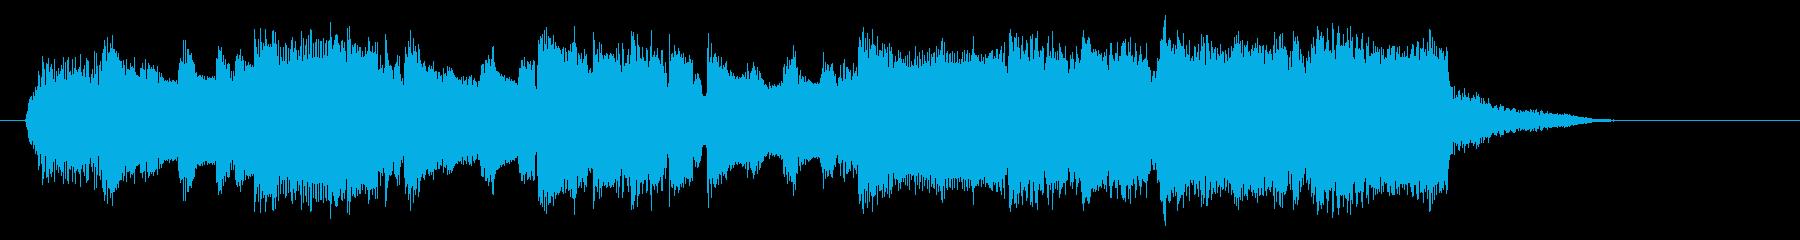 明るくキラキラしたゆっくりな曲の再生済みの波形